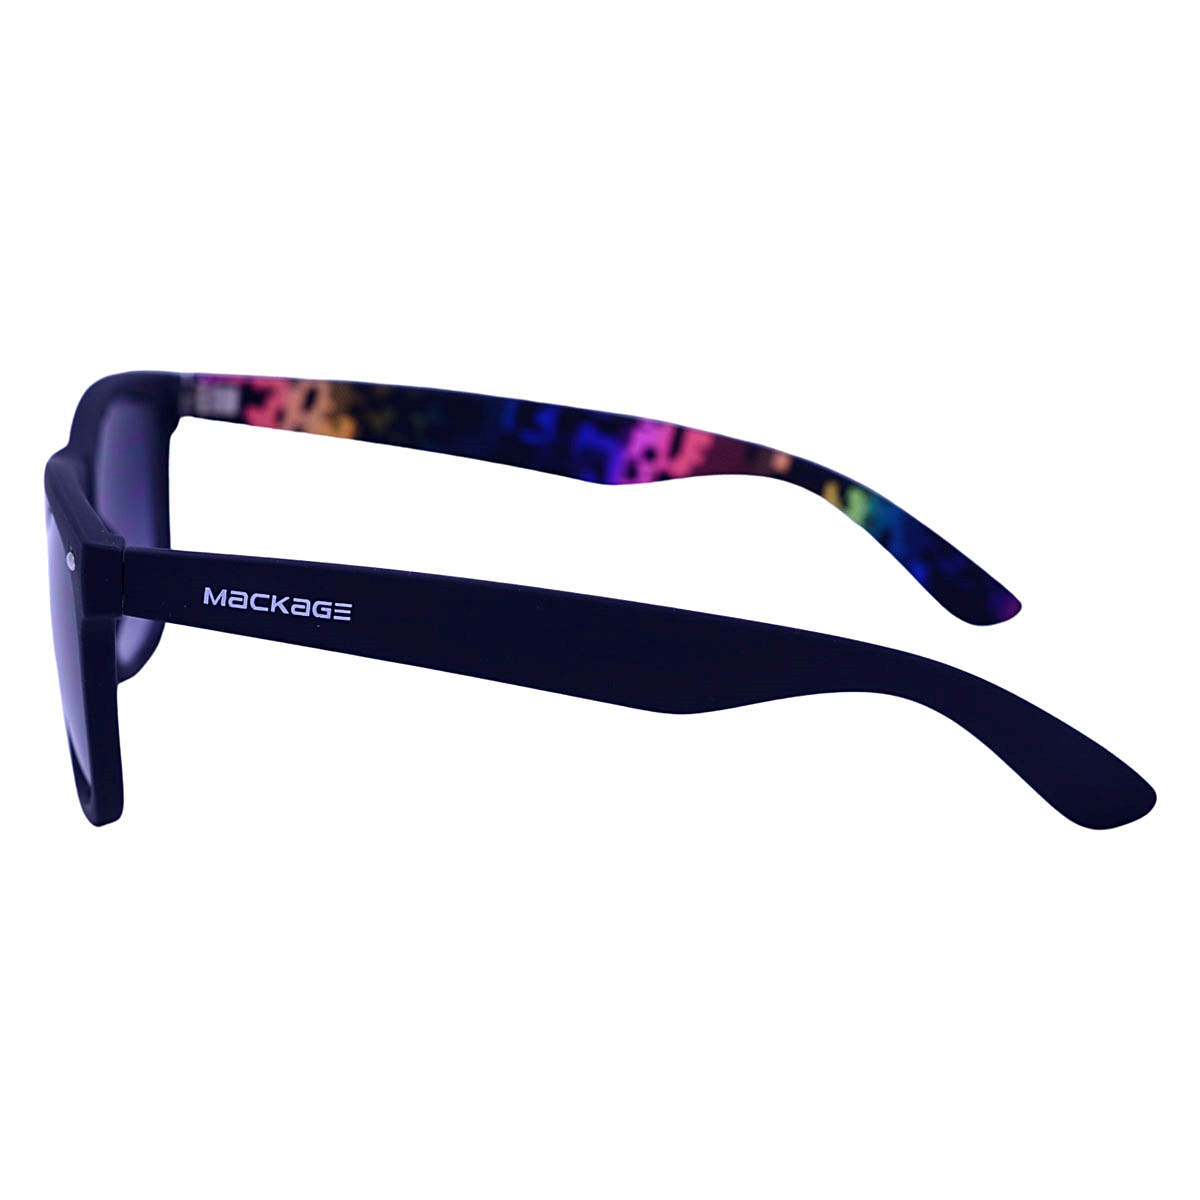 Óculos De Sol Mackage Unissex Acetato Wayfarer - Preto Colors